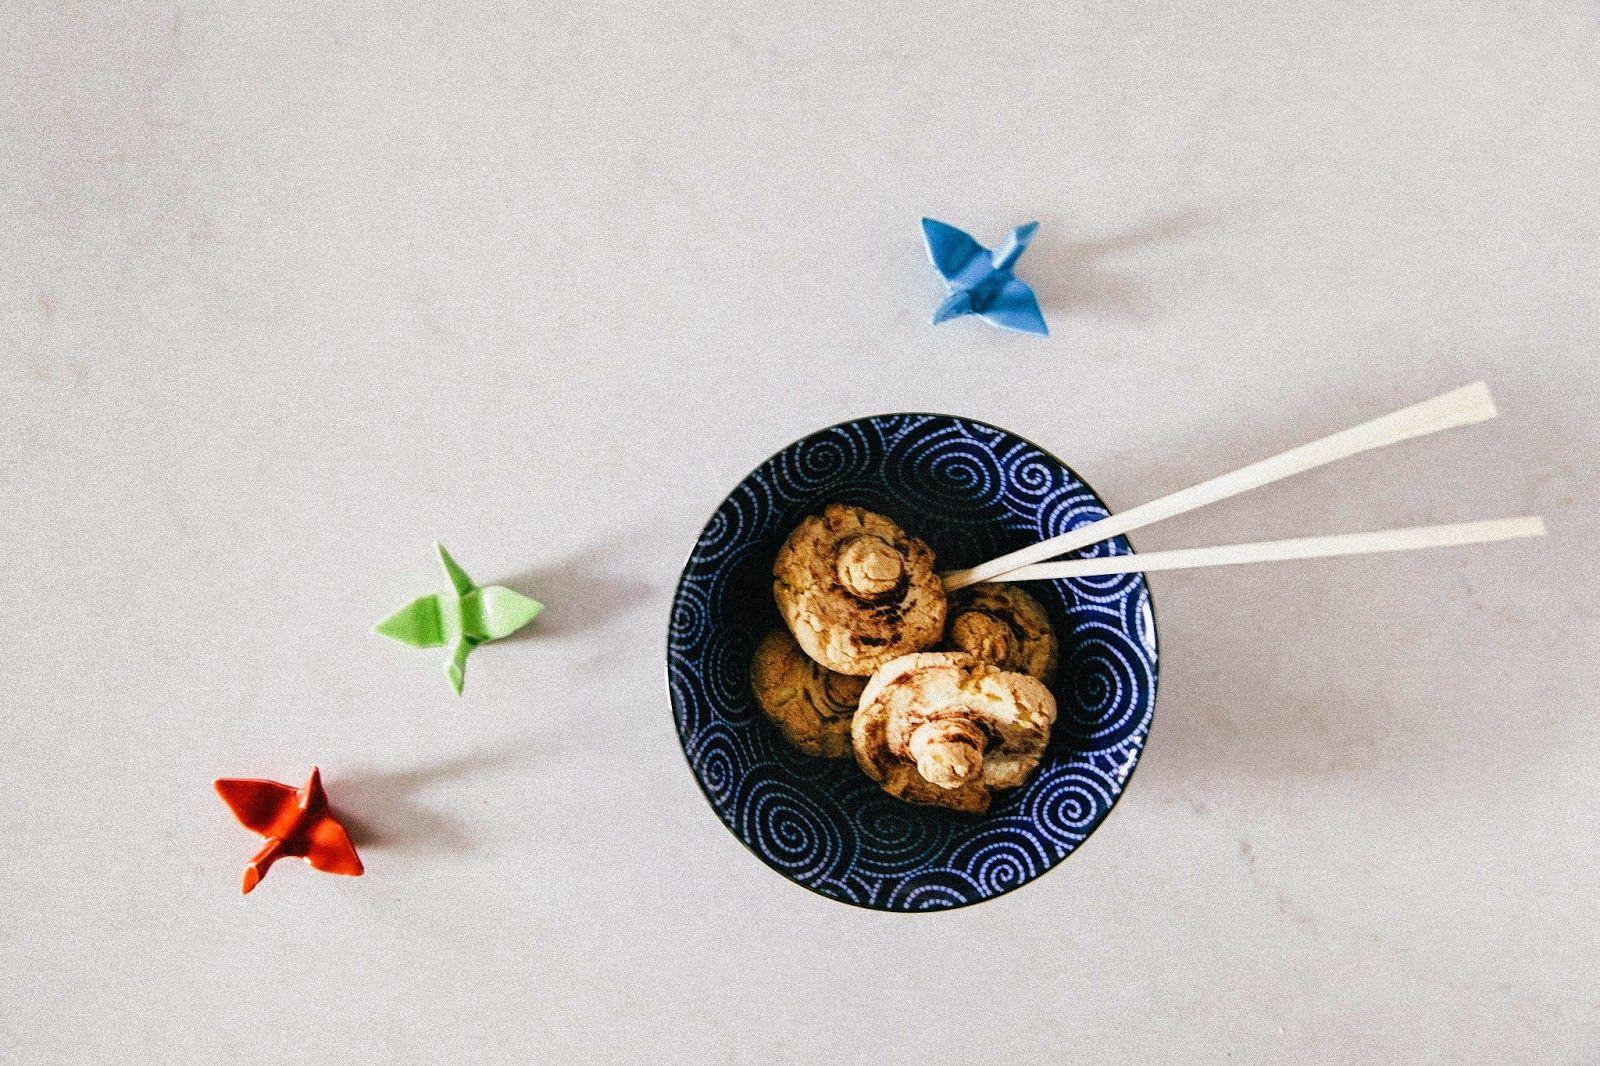 Sushi and Mushroom Salad... for Dessert!!! #dessertsushi